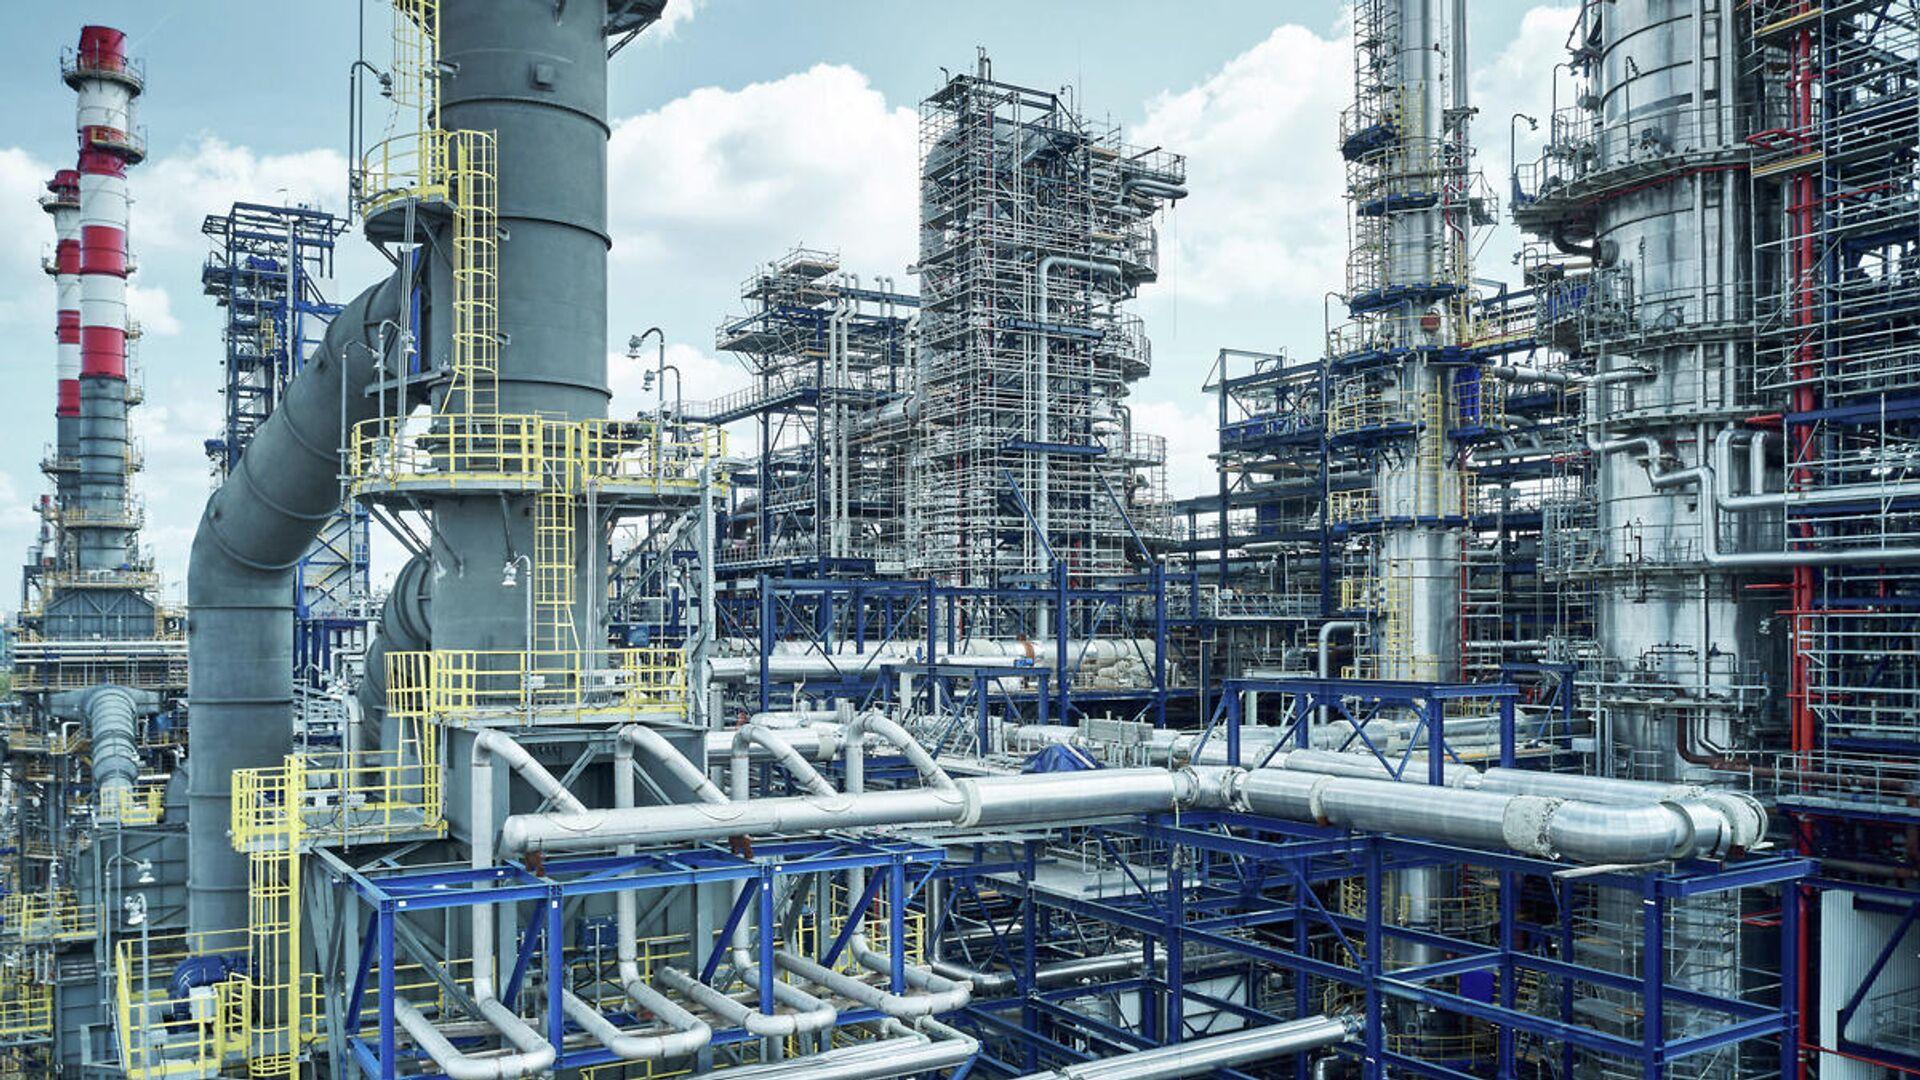 Площадка строительства комбинированной установки переработки нефти Евро+ на Московском НПЗ - РИА Новости, 1920, 09.11.2020